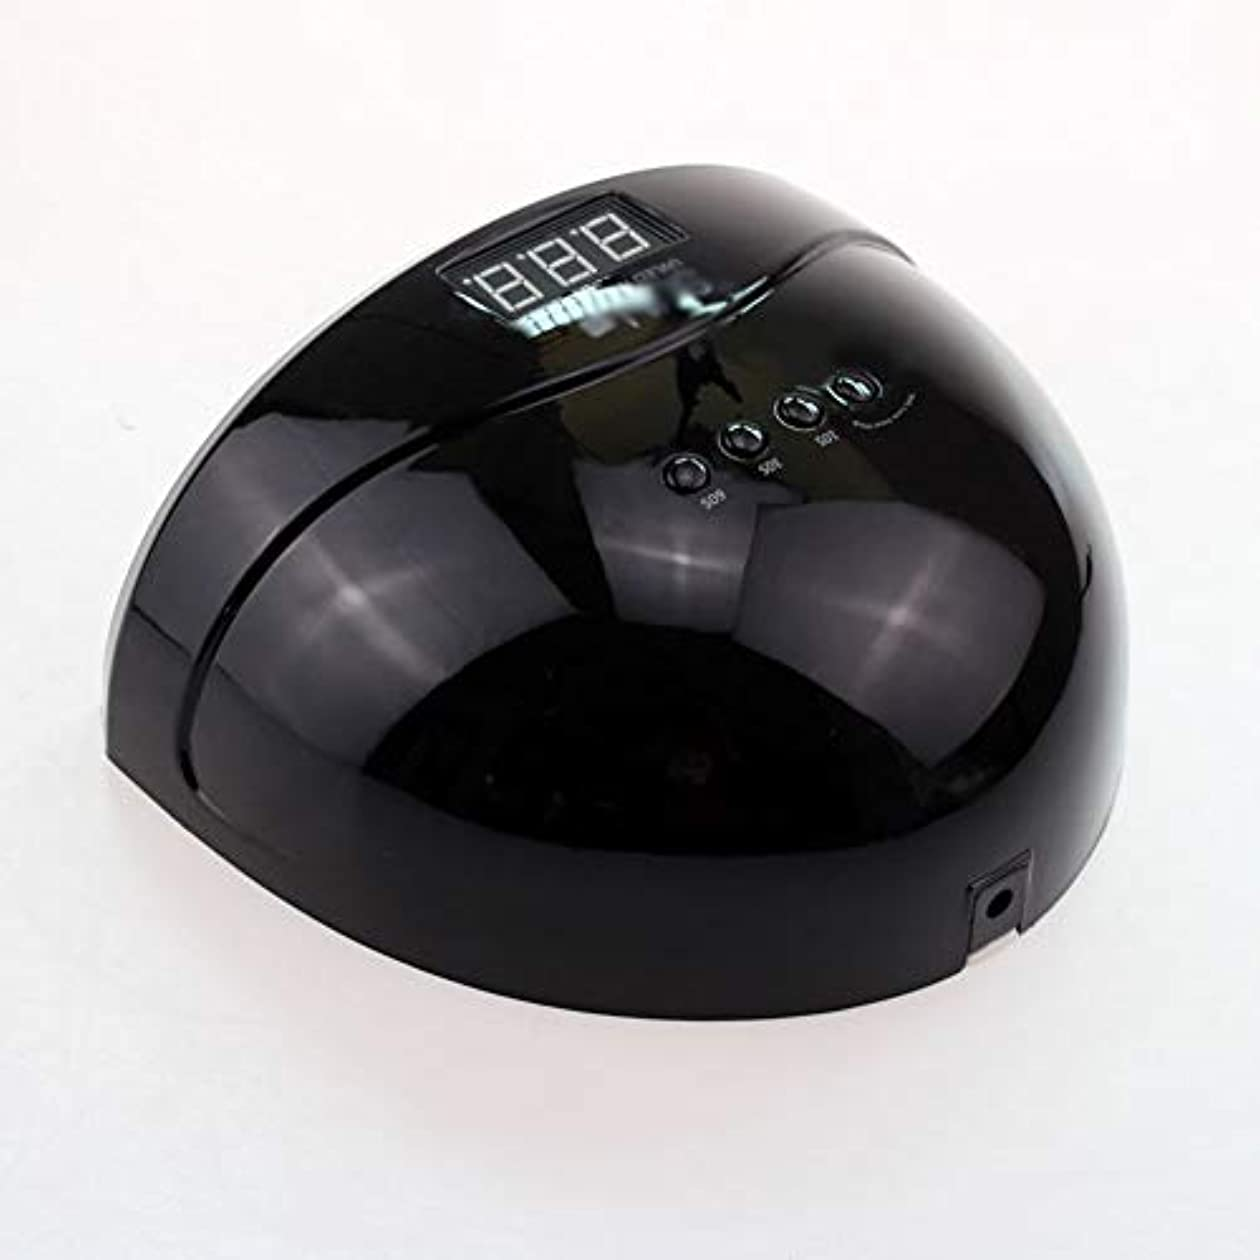 ぼんやりしたラベ幹ネイルドライヤー - LEDマシン光線療法ネイルマシン48Wスマートデュアル光源ネイルロースト速乾性機